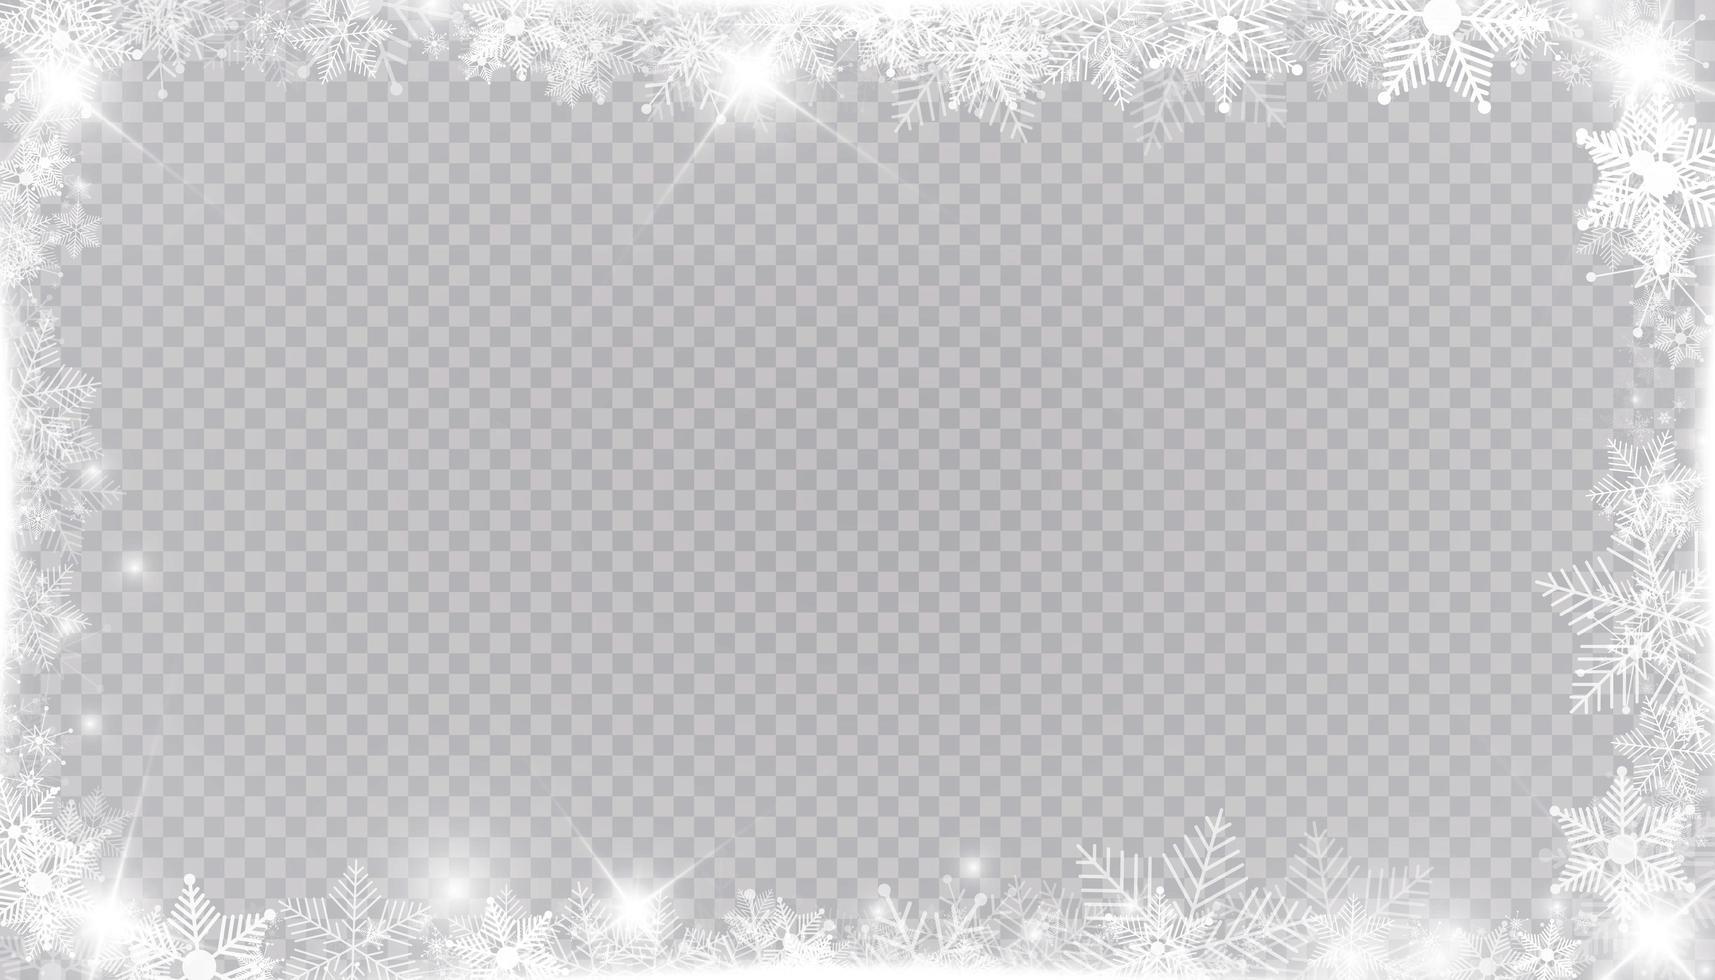 rechteckiger Winterschneerahmenrand mit Sternen, Glitzern und Schneeflocken vektor